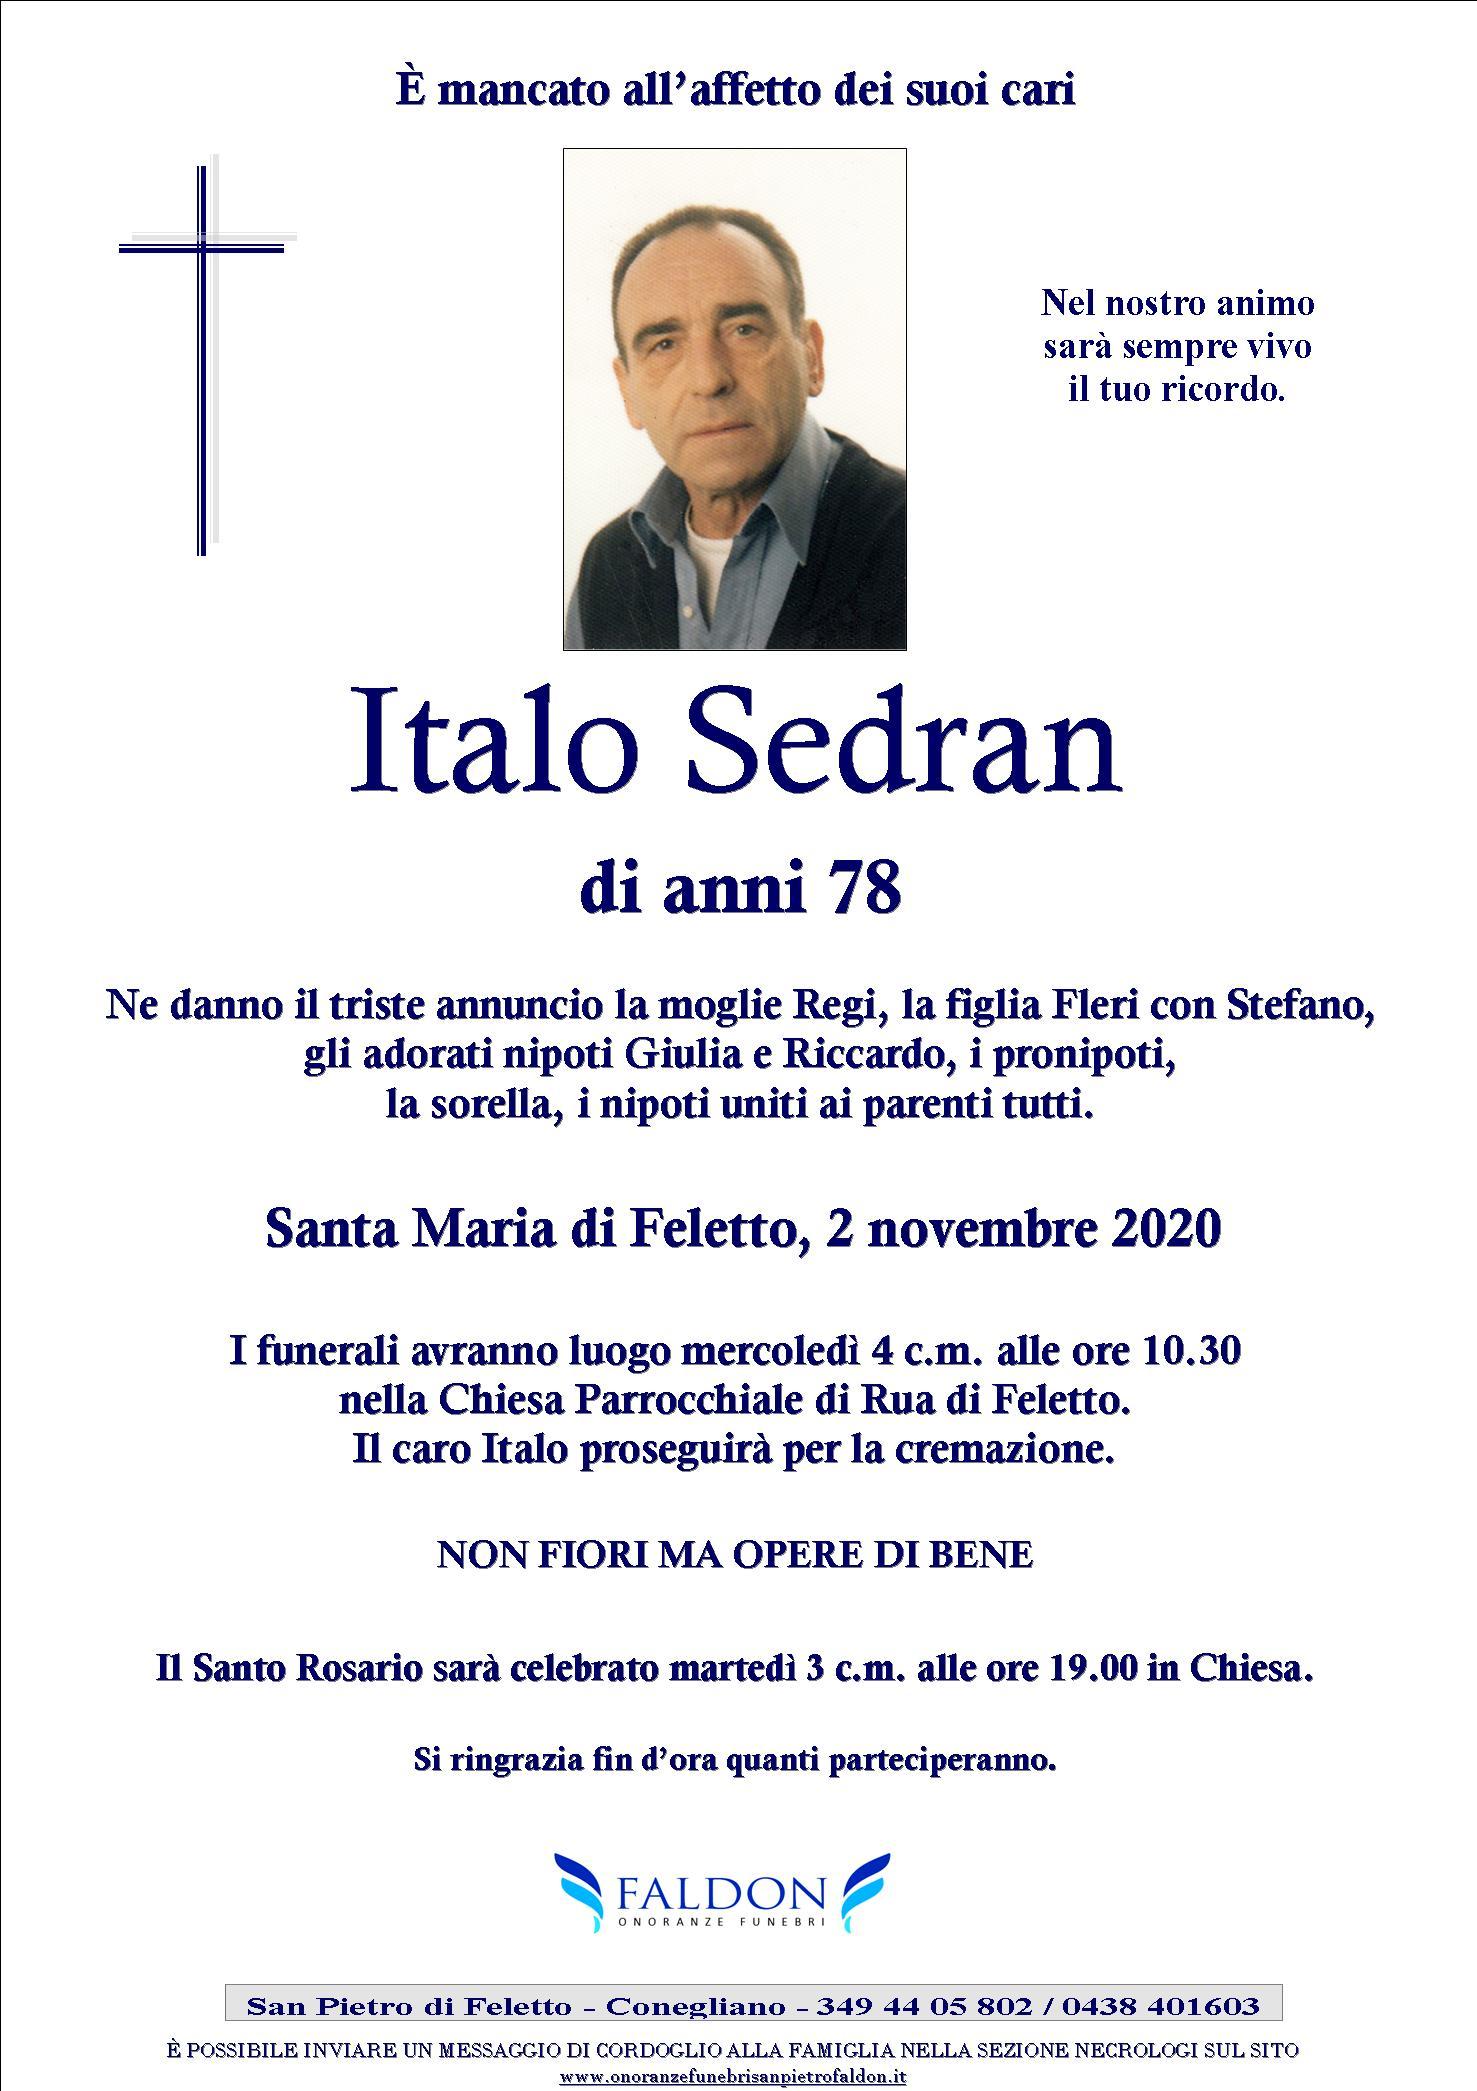 Italo Sedran